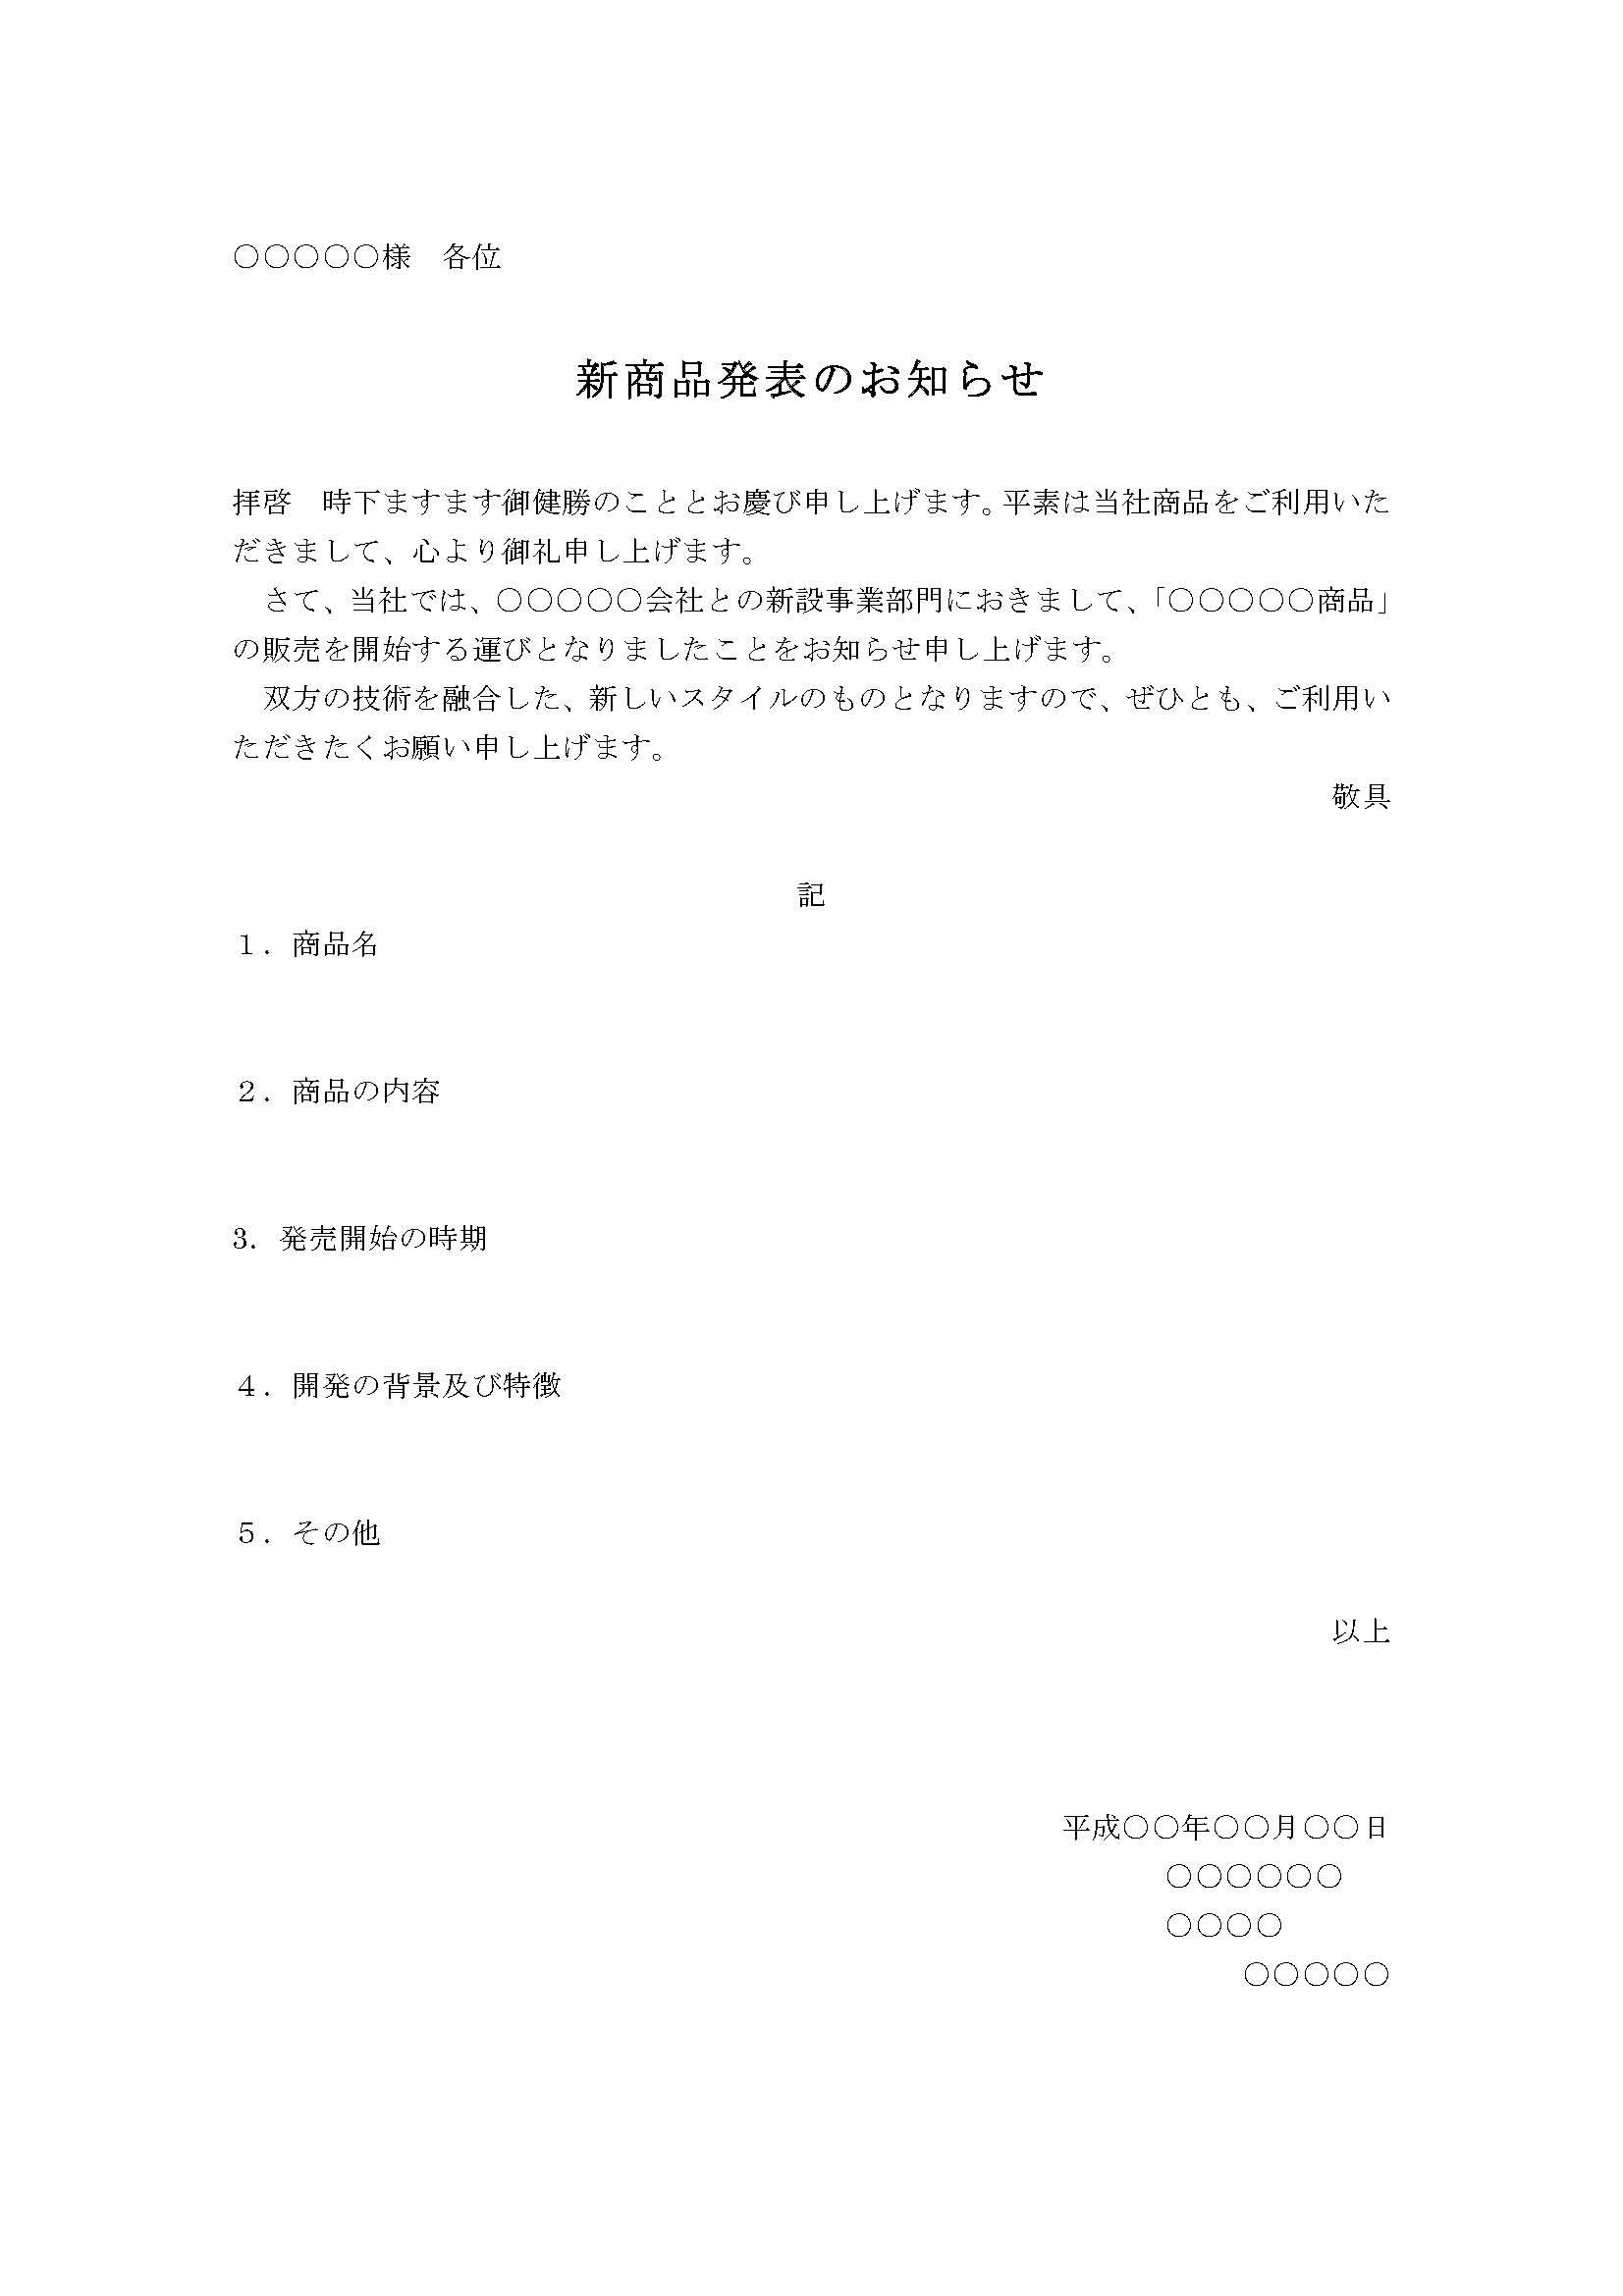 お知らせ(新商品発表)